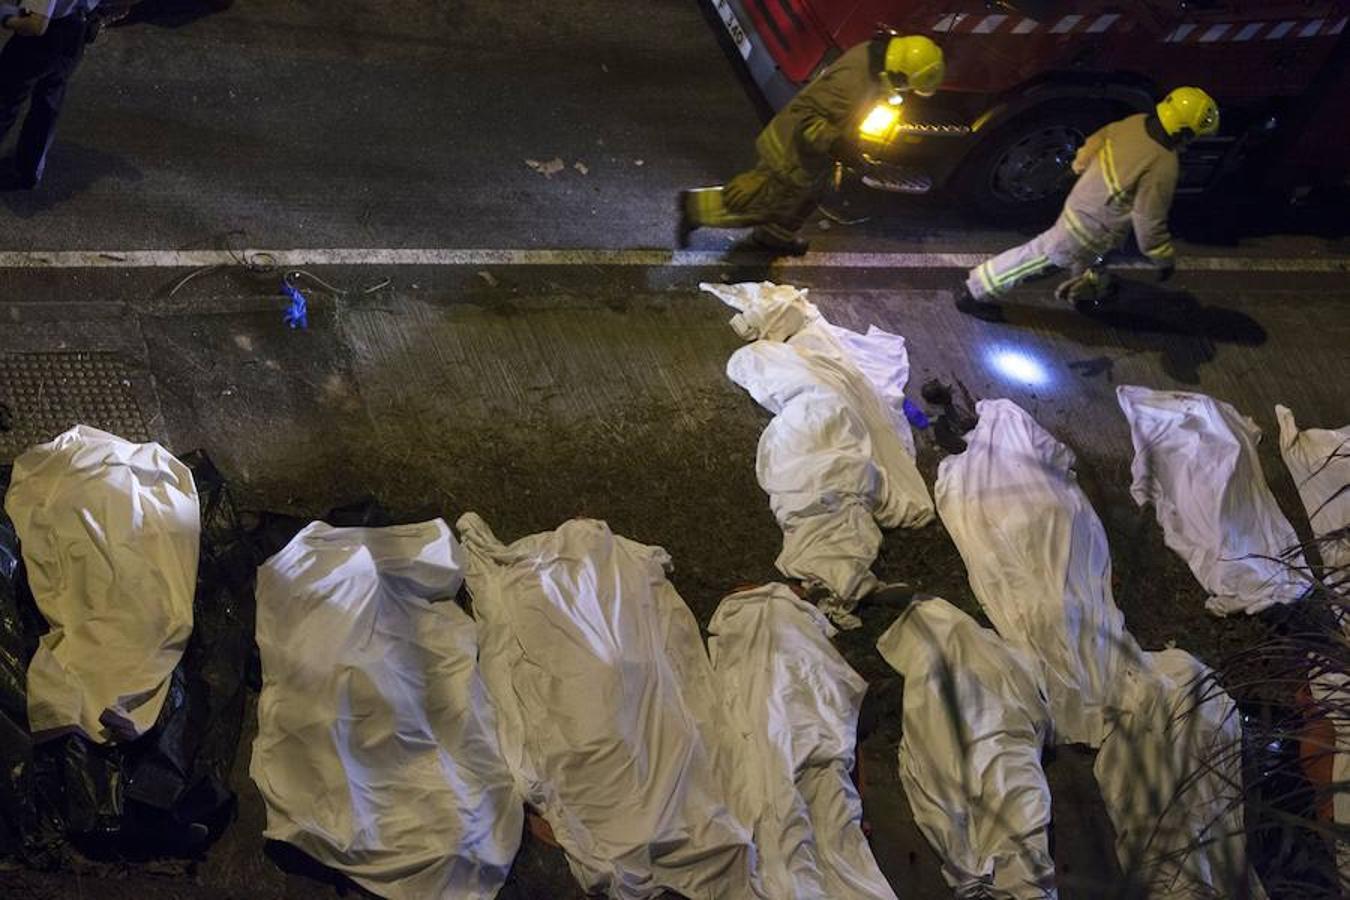 Diecinueve personas murieron y al menos 40 resultaron heridas este sábado en un accidente de autobús en Hong Kong